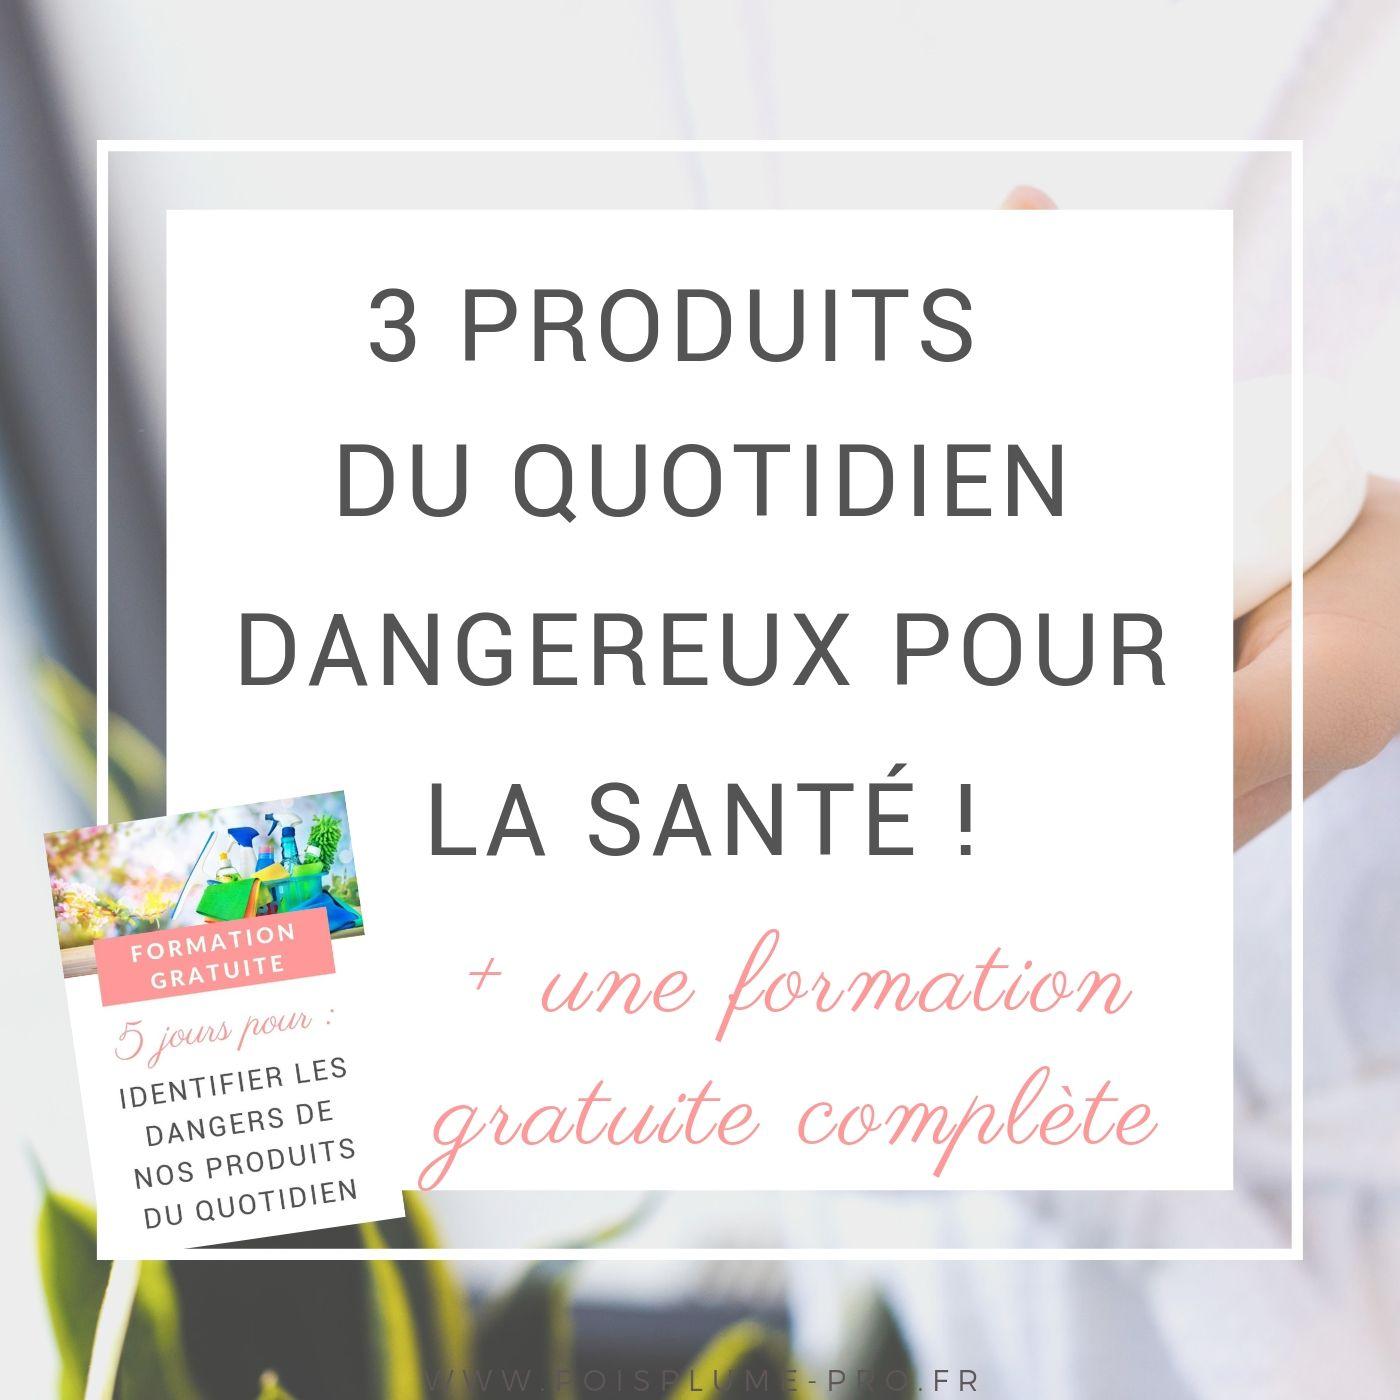 Maison au naturel ces 3 produits du quotidien dangereux pour la santé (1)